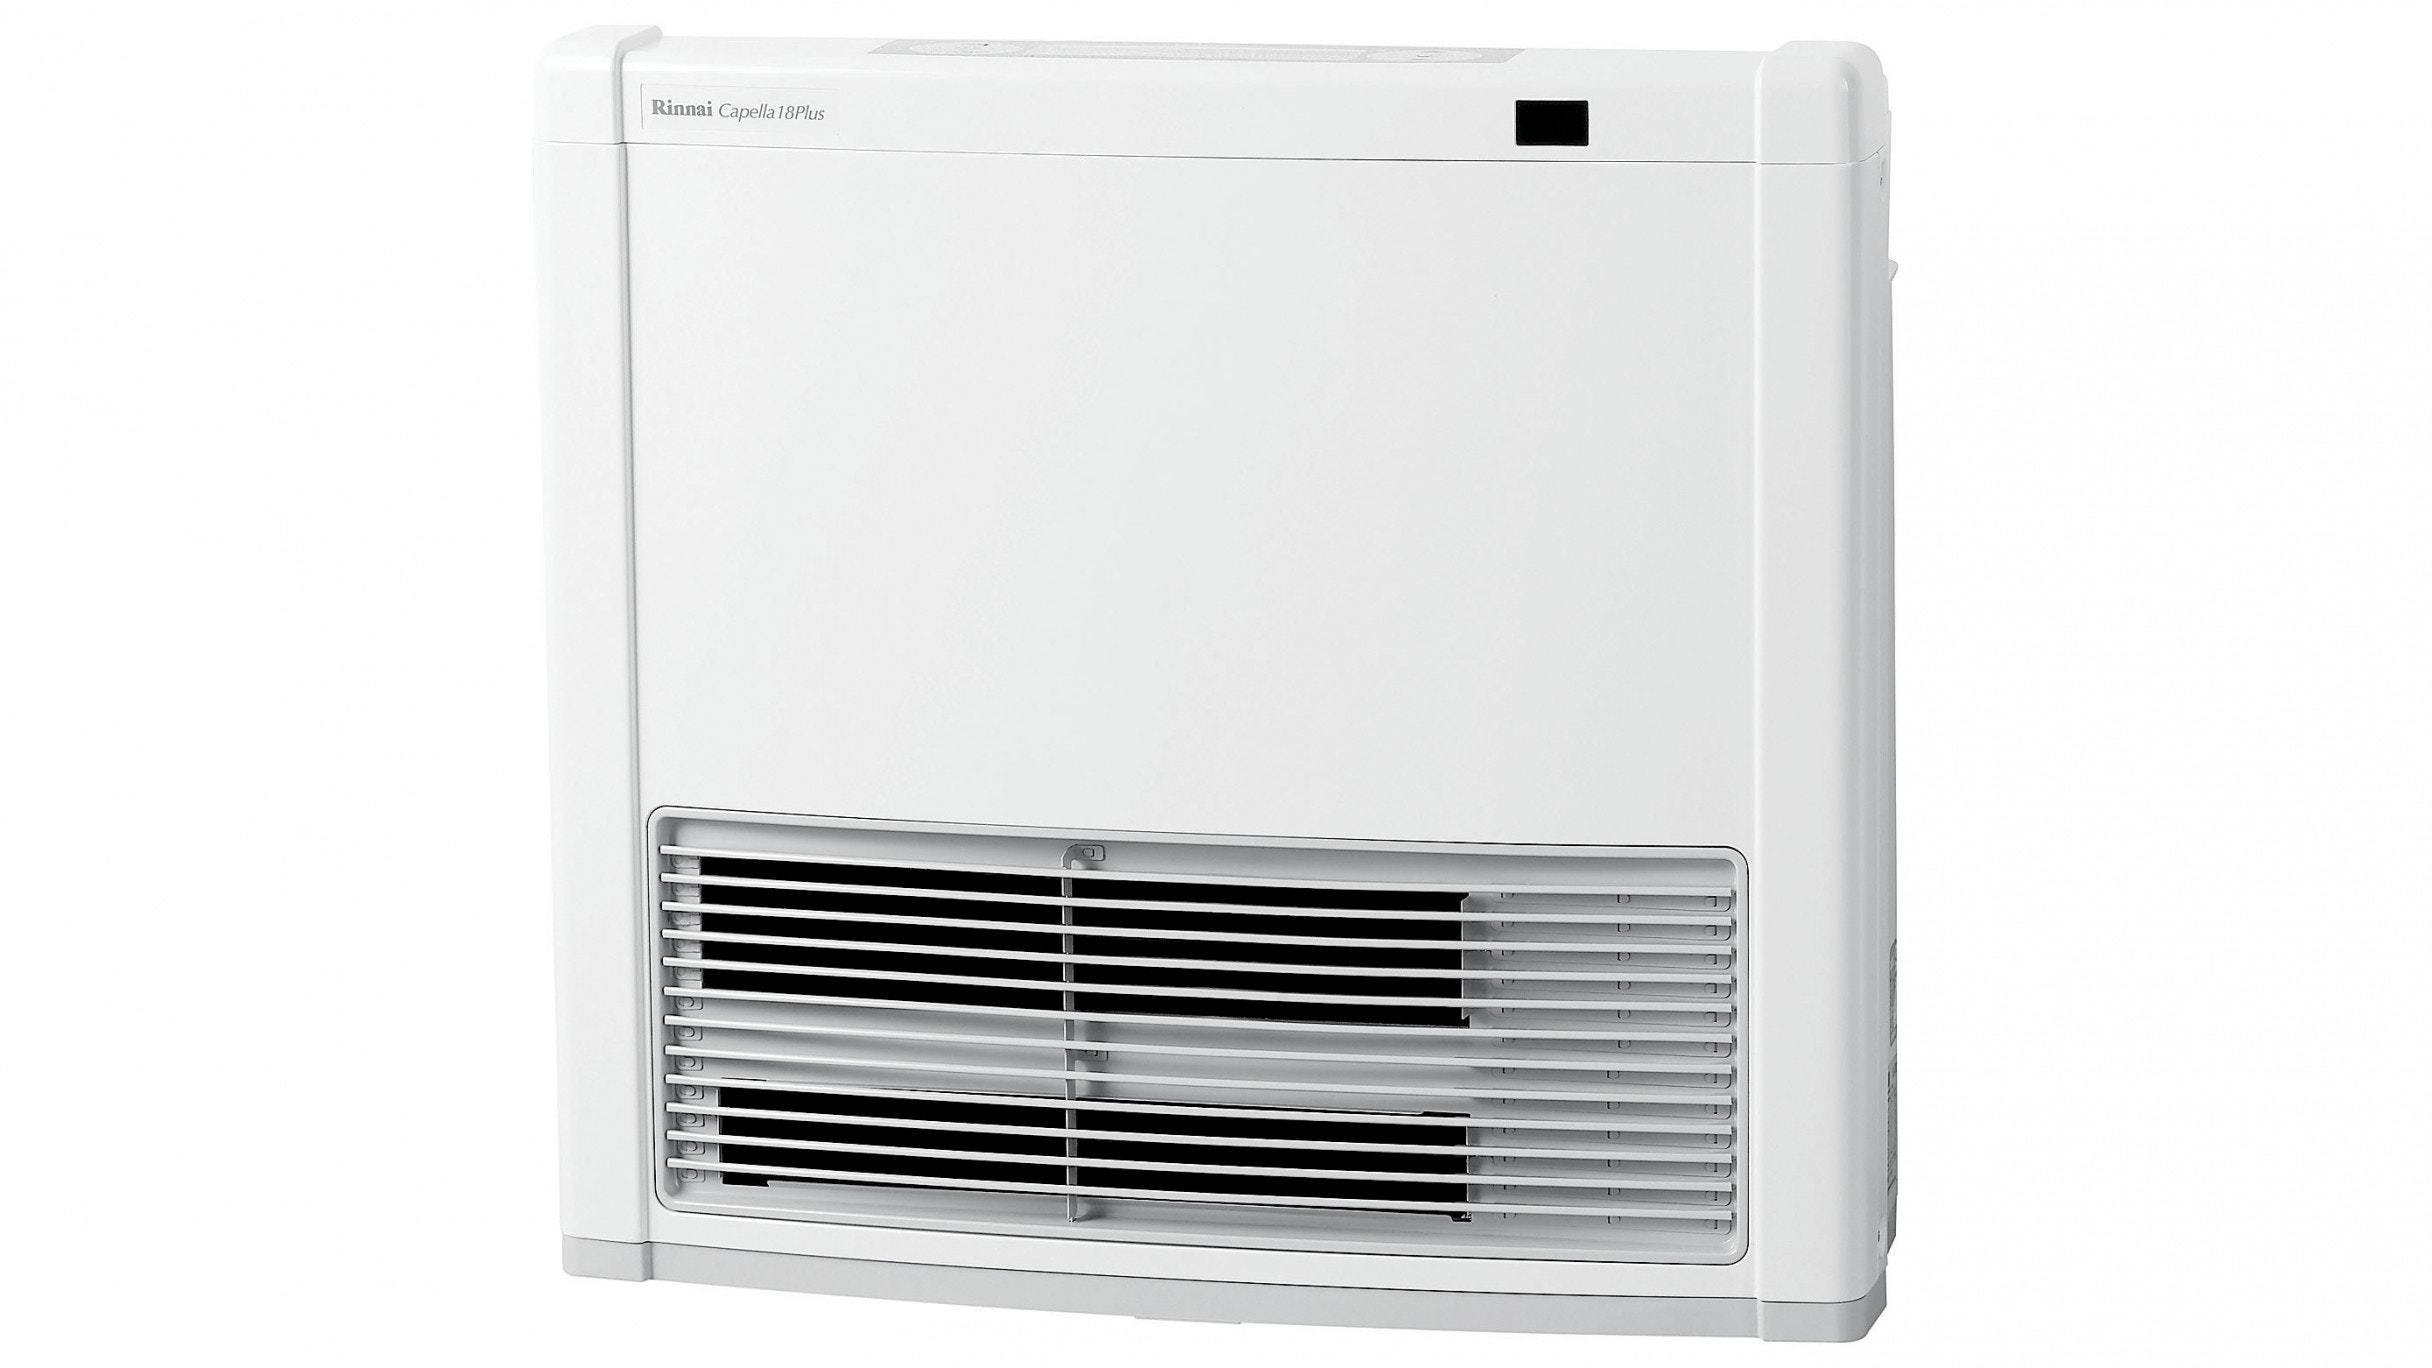 Rinnai Capella 18 Plus LPG Convertor Heater - White